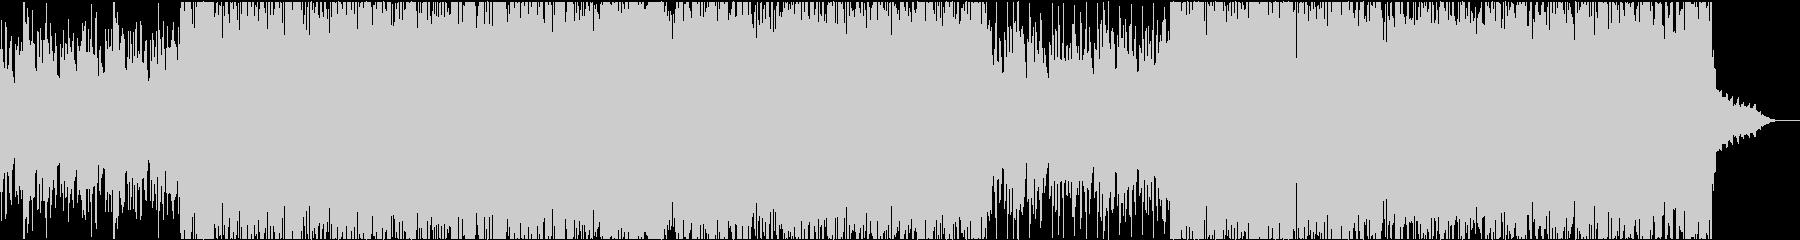 企業VP25 16bit44kHzVerの未再生の波形